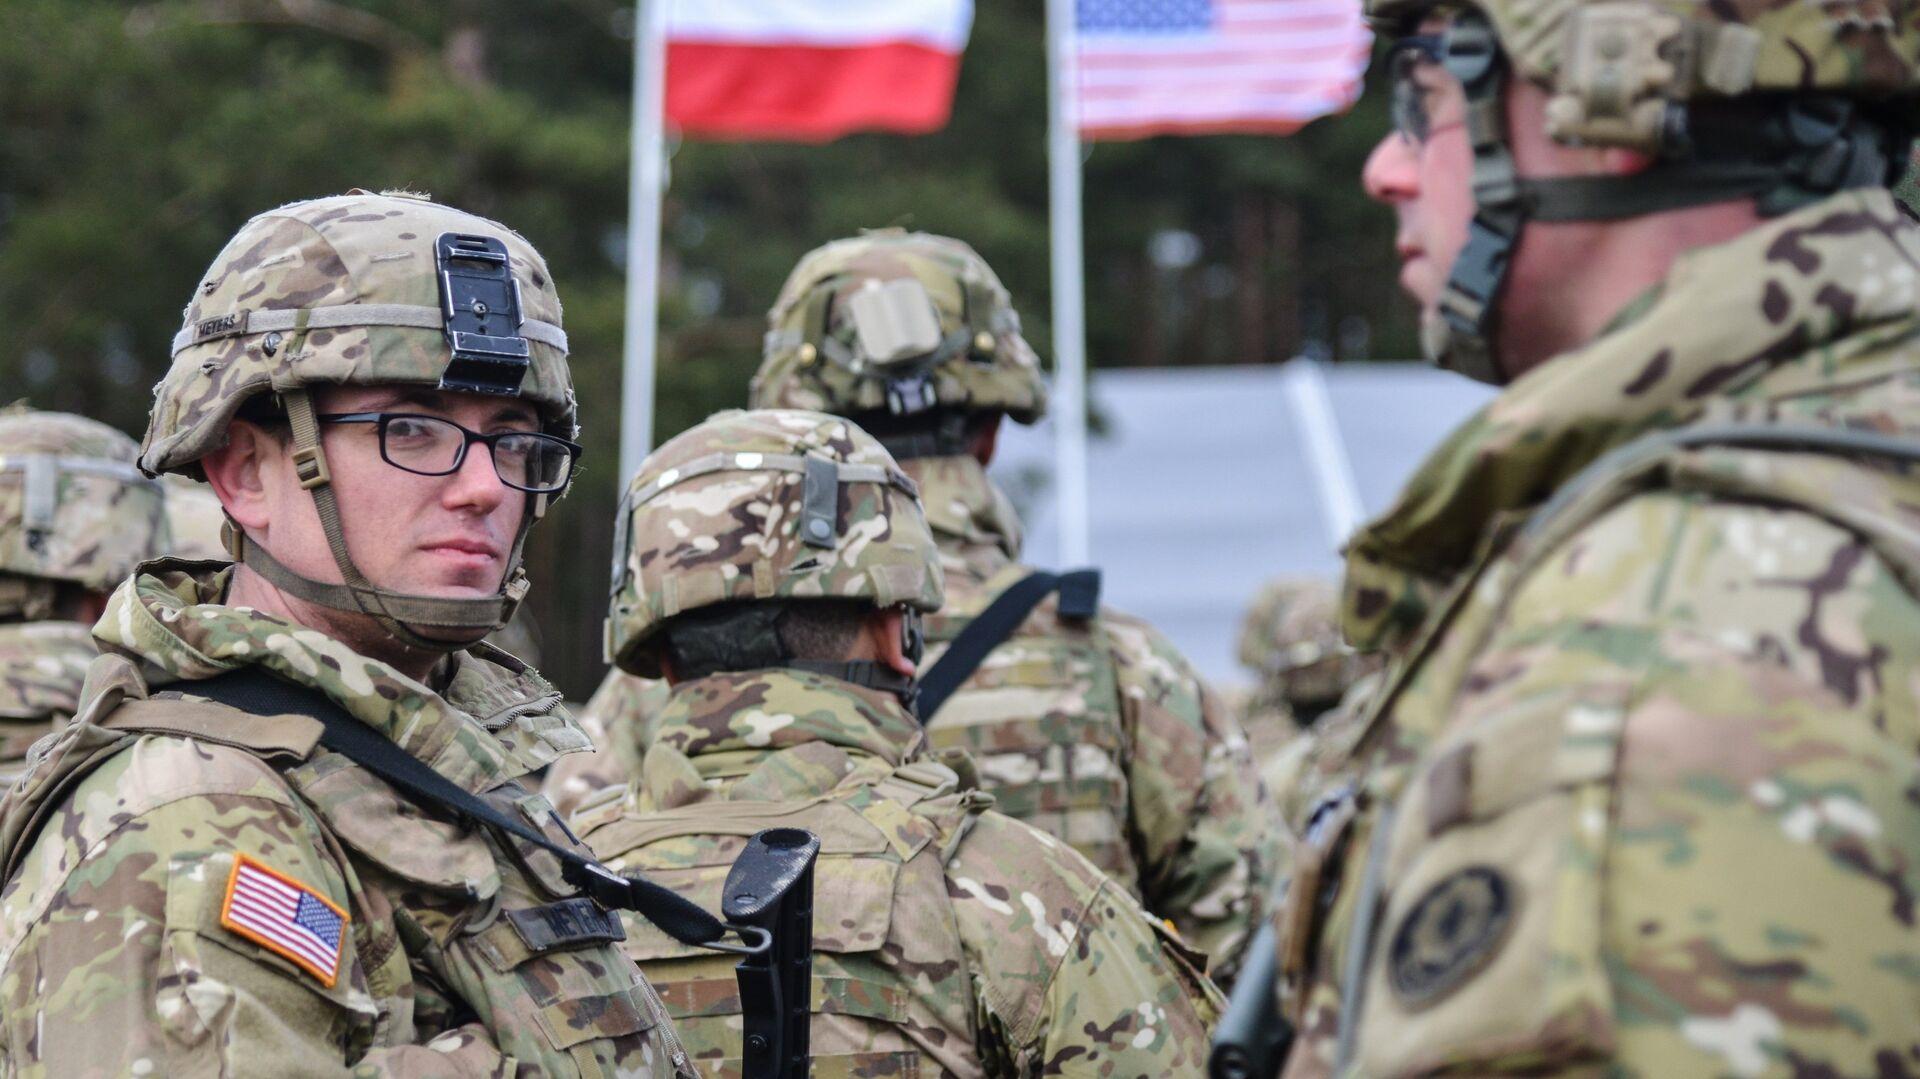 Американские военные в Польше - РИА Новости, 1920, 27.07.2019